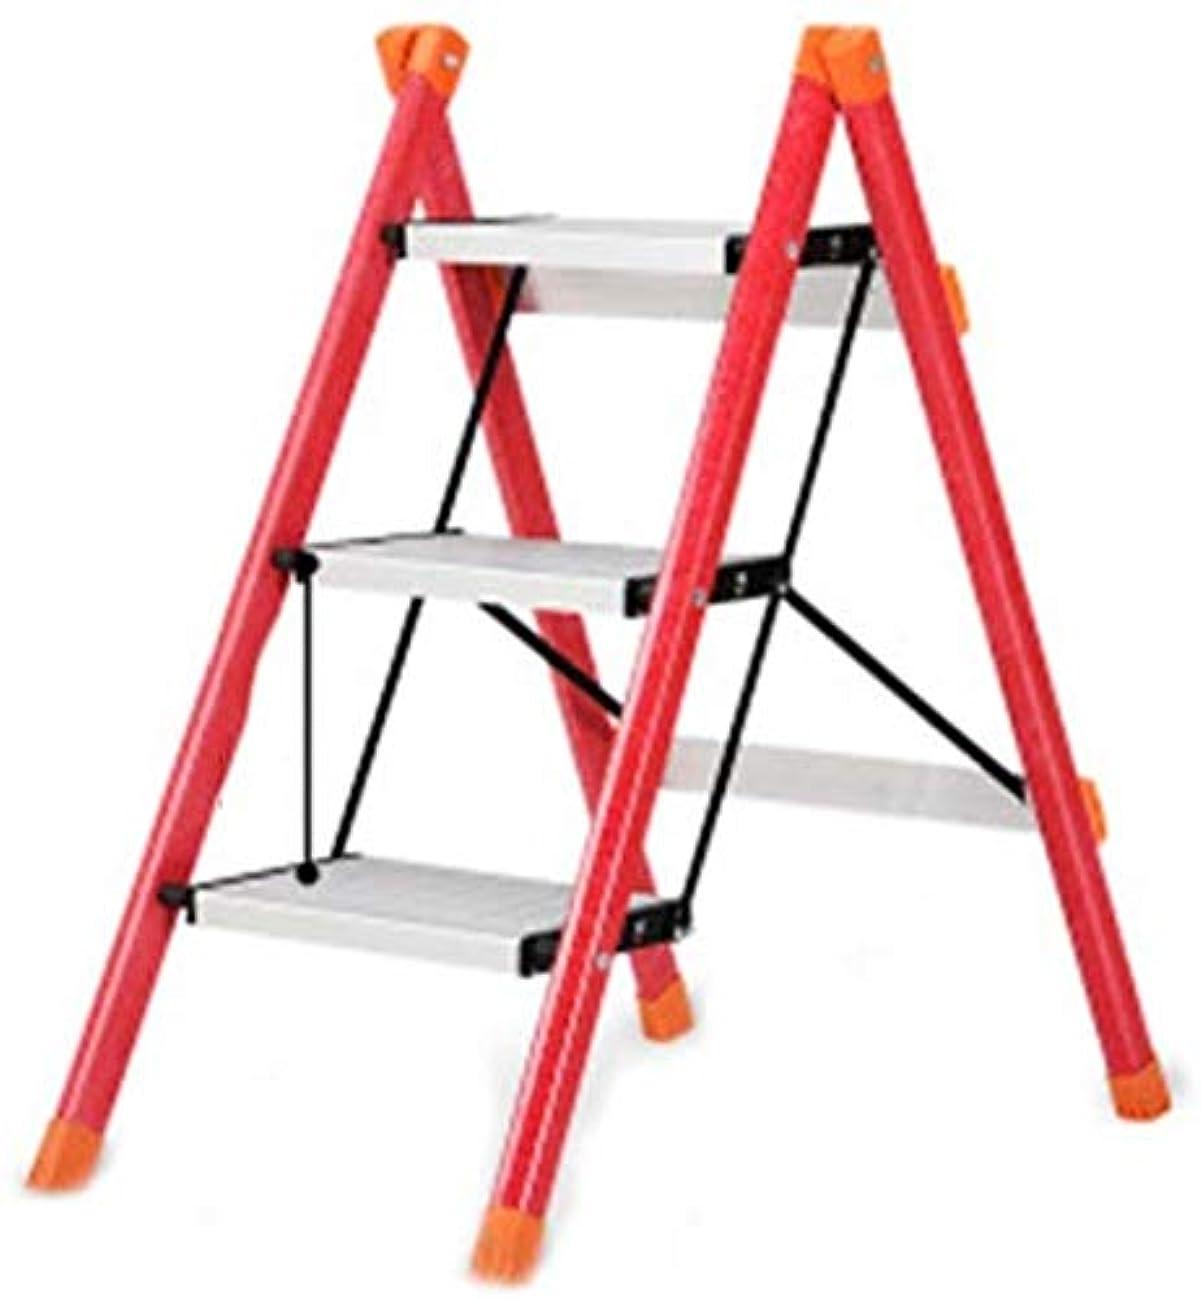 大使館愛人遠征踏み台 ステップスツール、家庭用折りたたみステップラダーアルミペダルラダーラダーラック多目的はしご 脚立 (Color : #1)